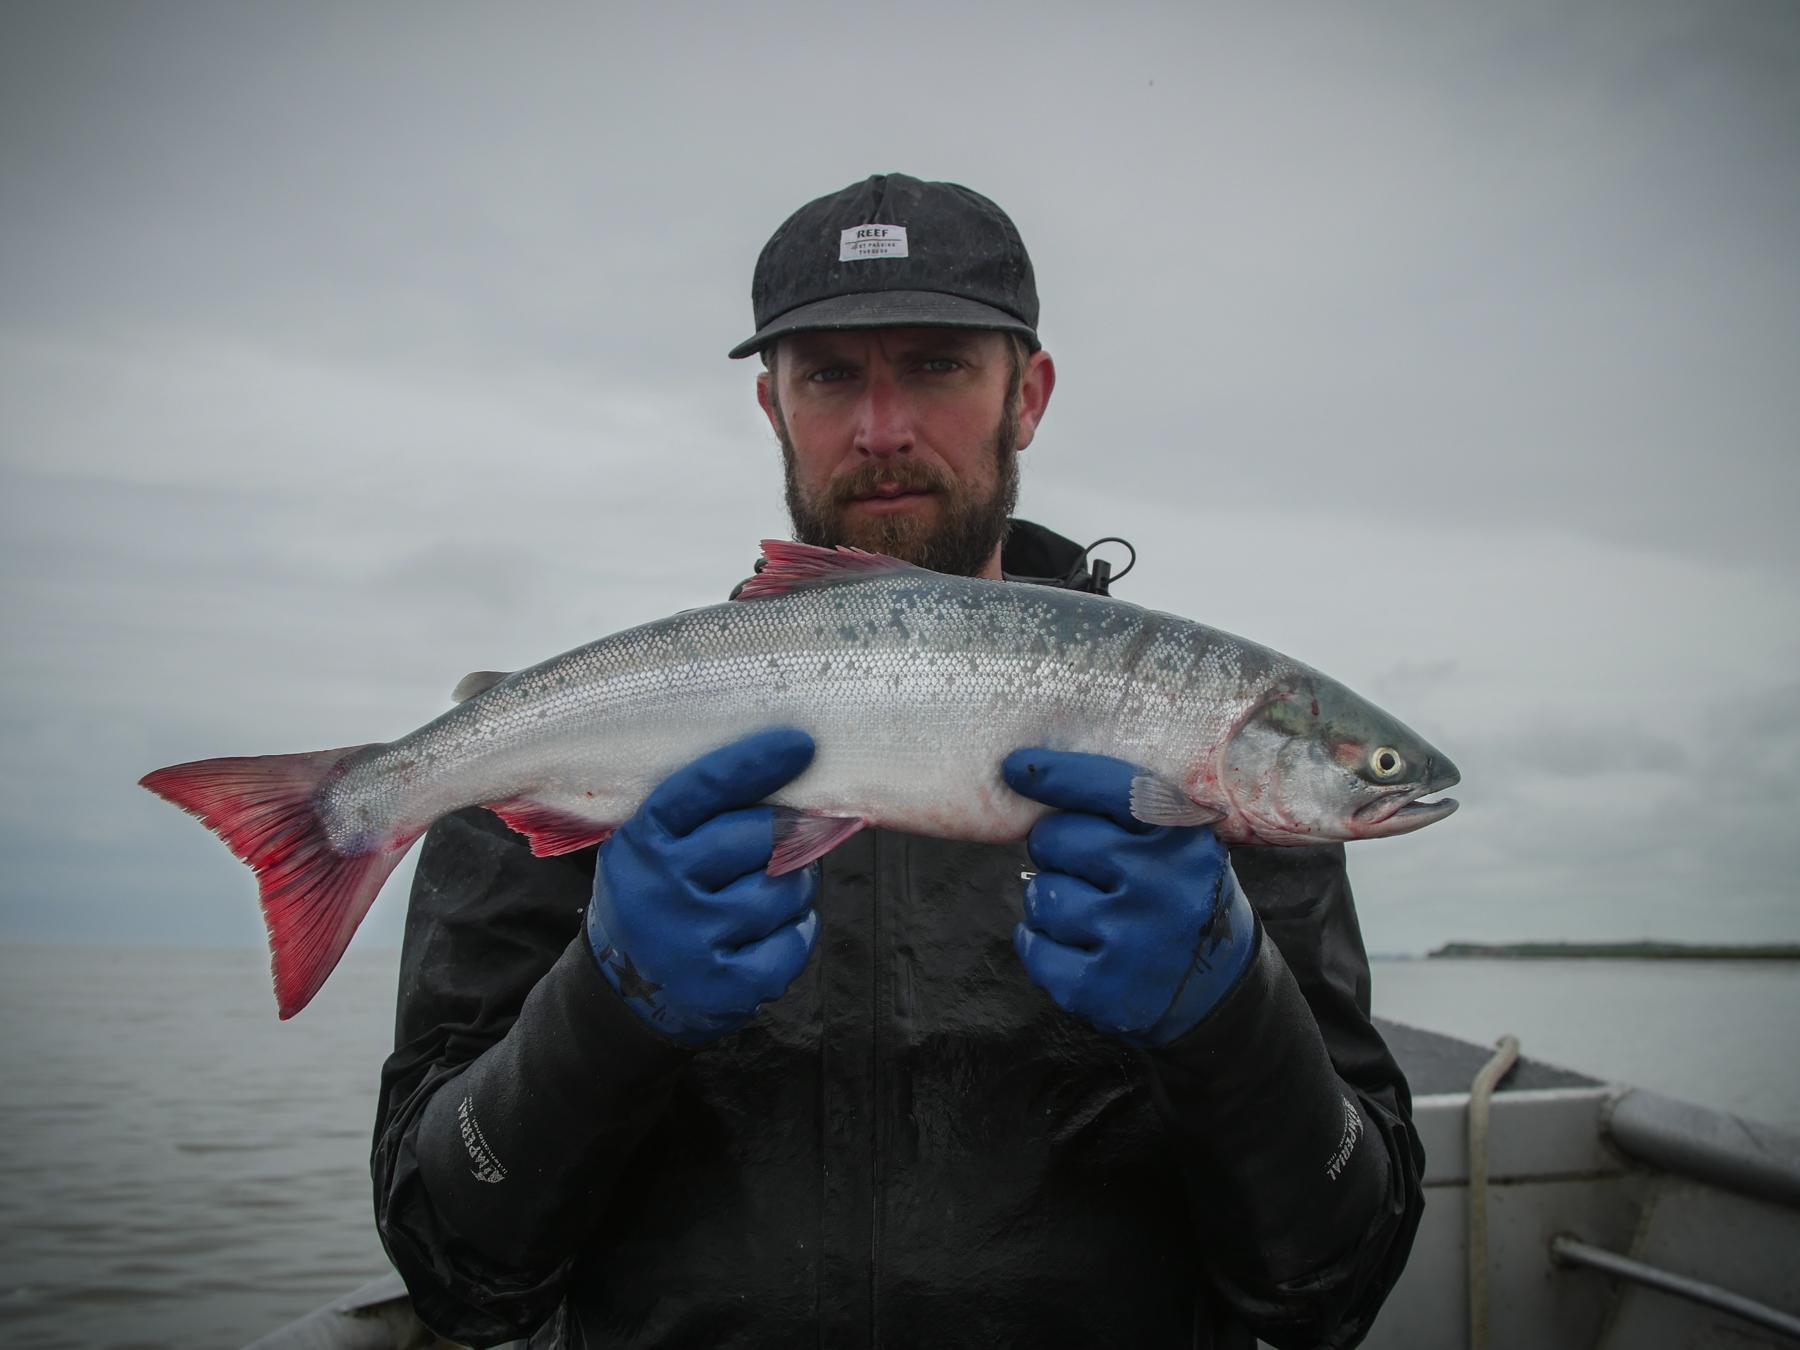 2016_07_04_Alaska_Fishing_BOAT_GH4_STILLS_0002.JPG